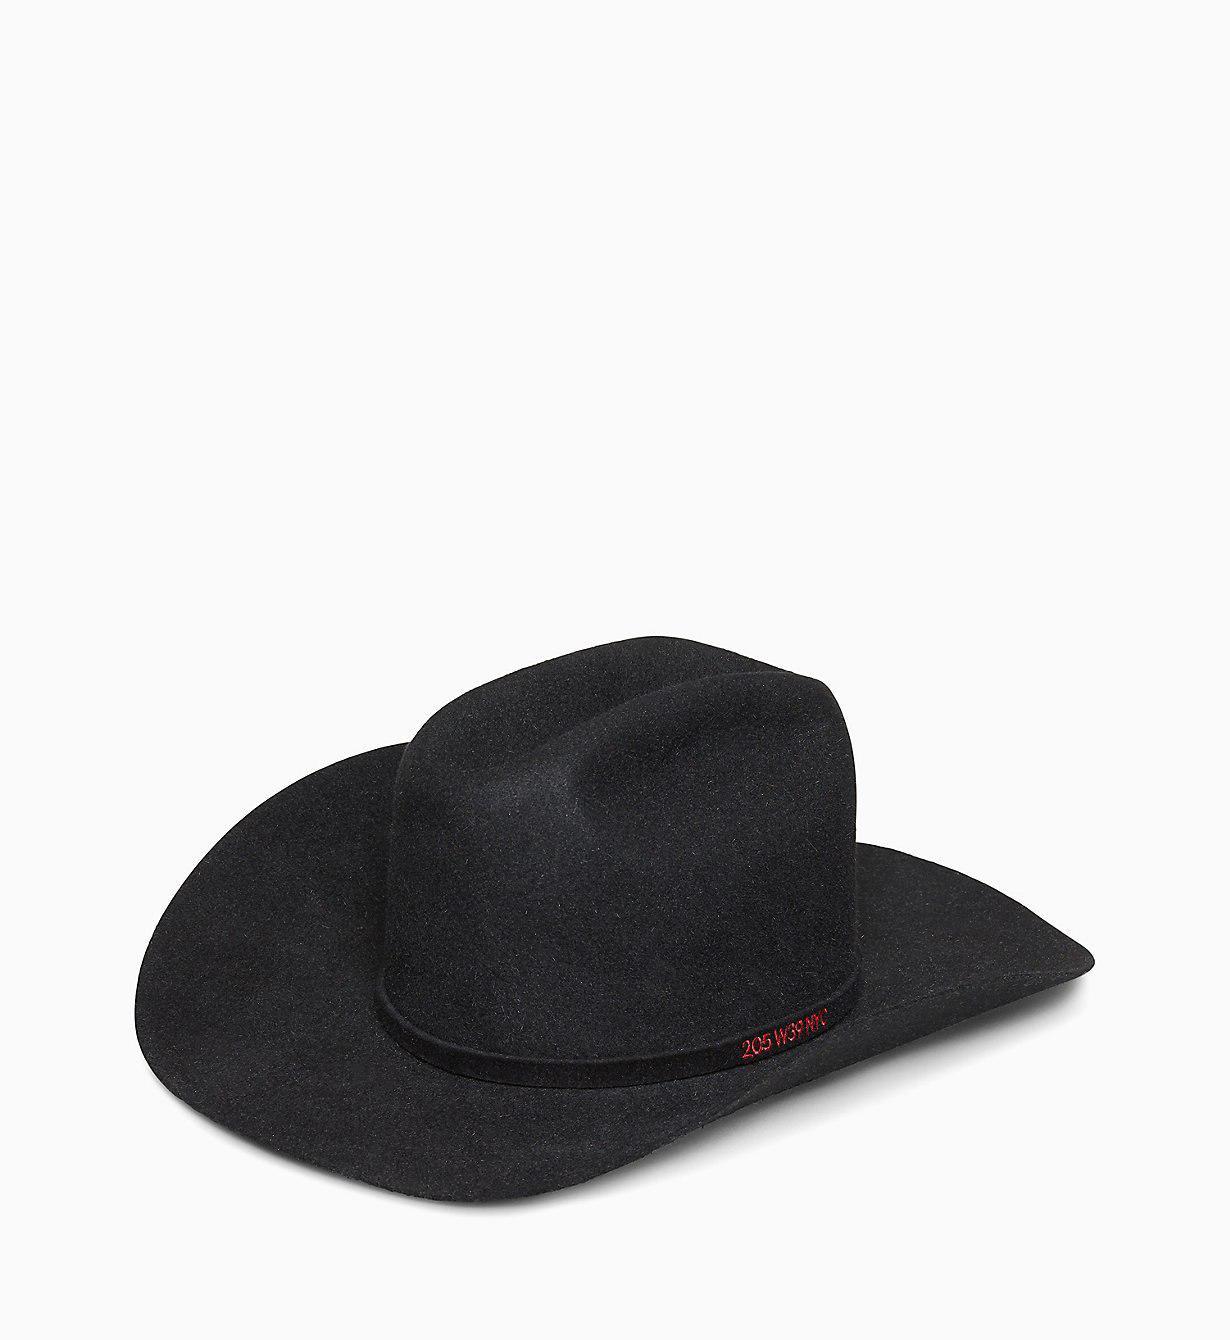 6fe976a1676 Calvin Klein 205w39nyc Cowboy Hat in Black - Lyst